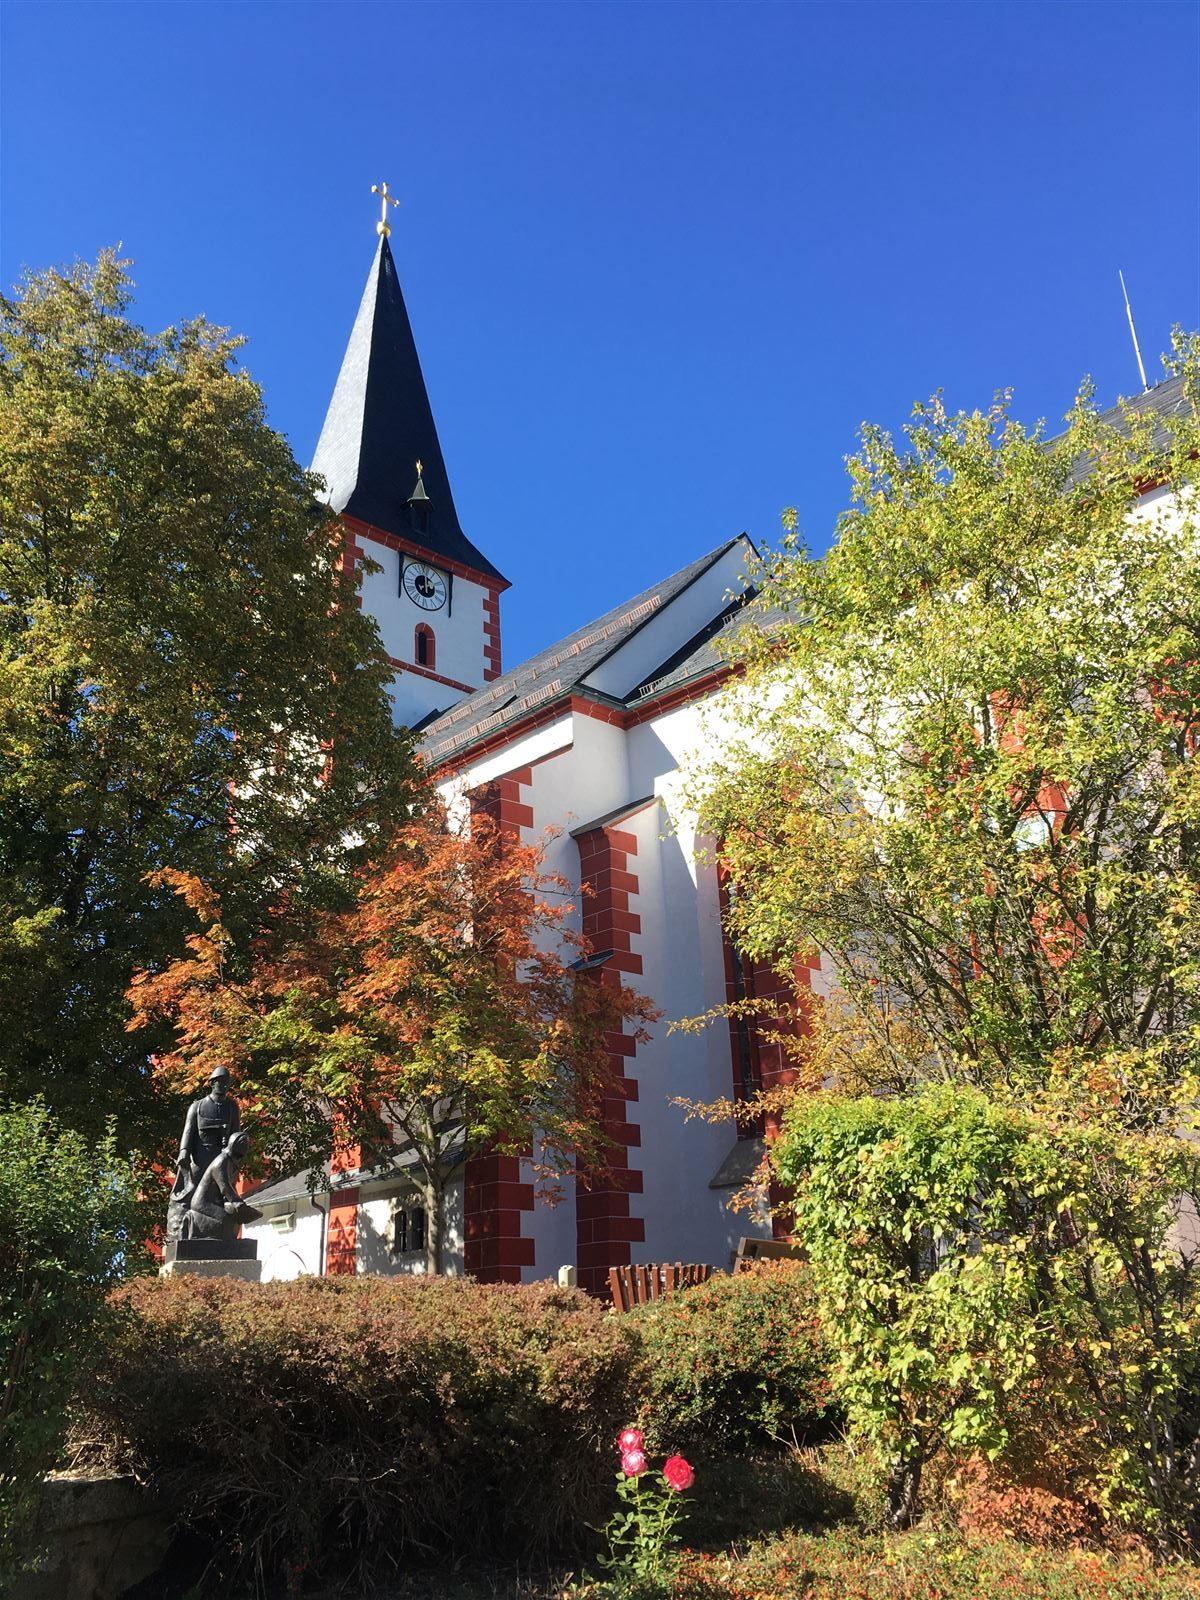 Die Dorfkirche und das Kartoffeldenkmal in Pilgramsreuth - Fichtelgebirge - Bayern